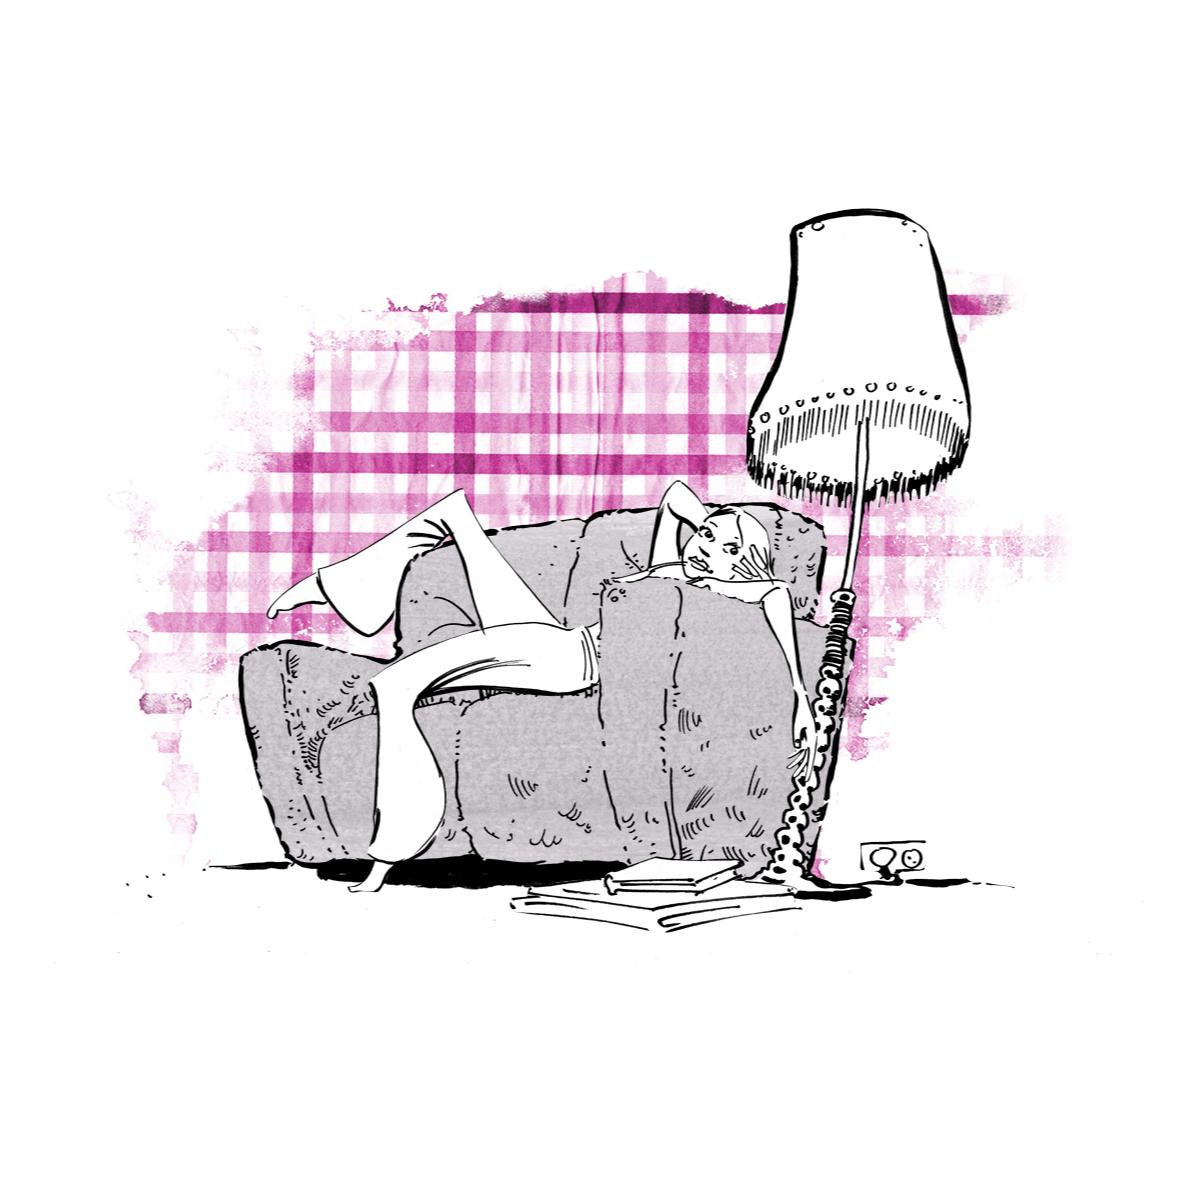 01-pille-girl-couch.jpg